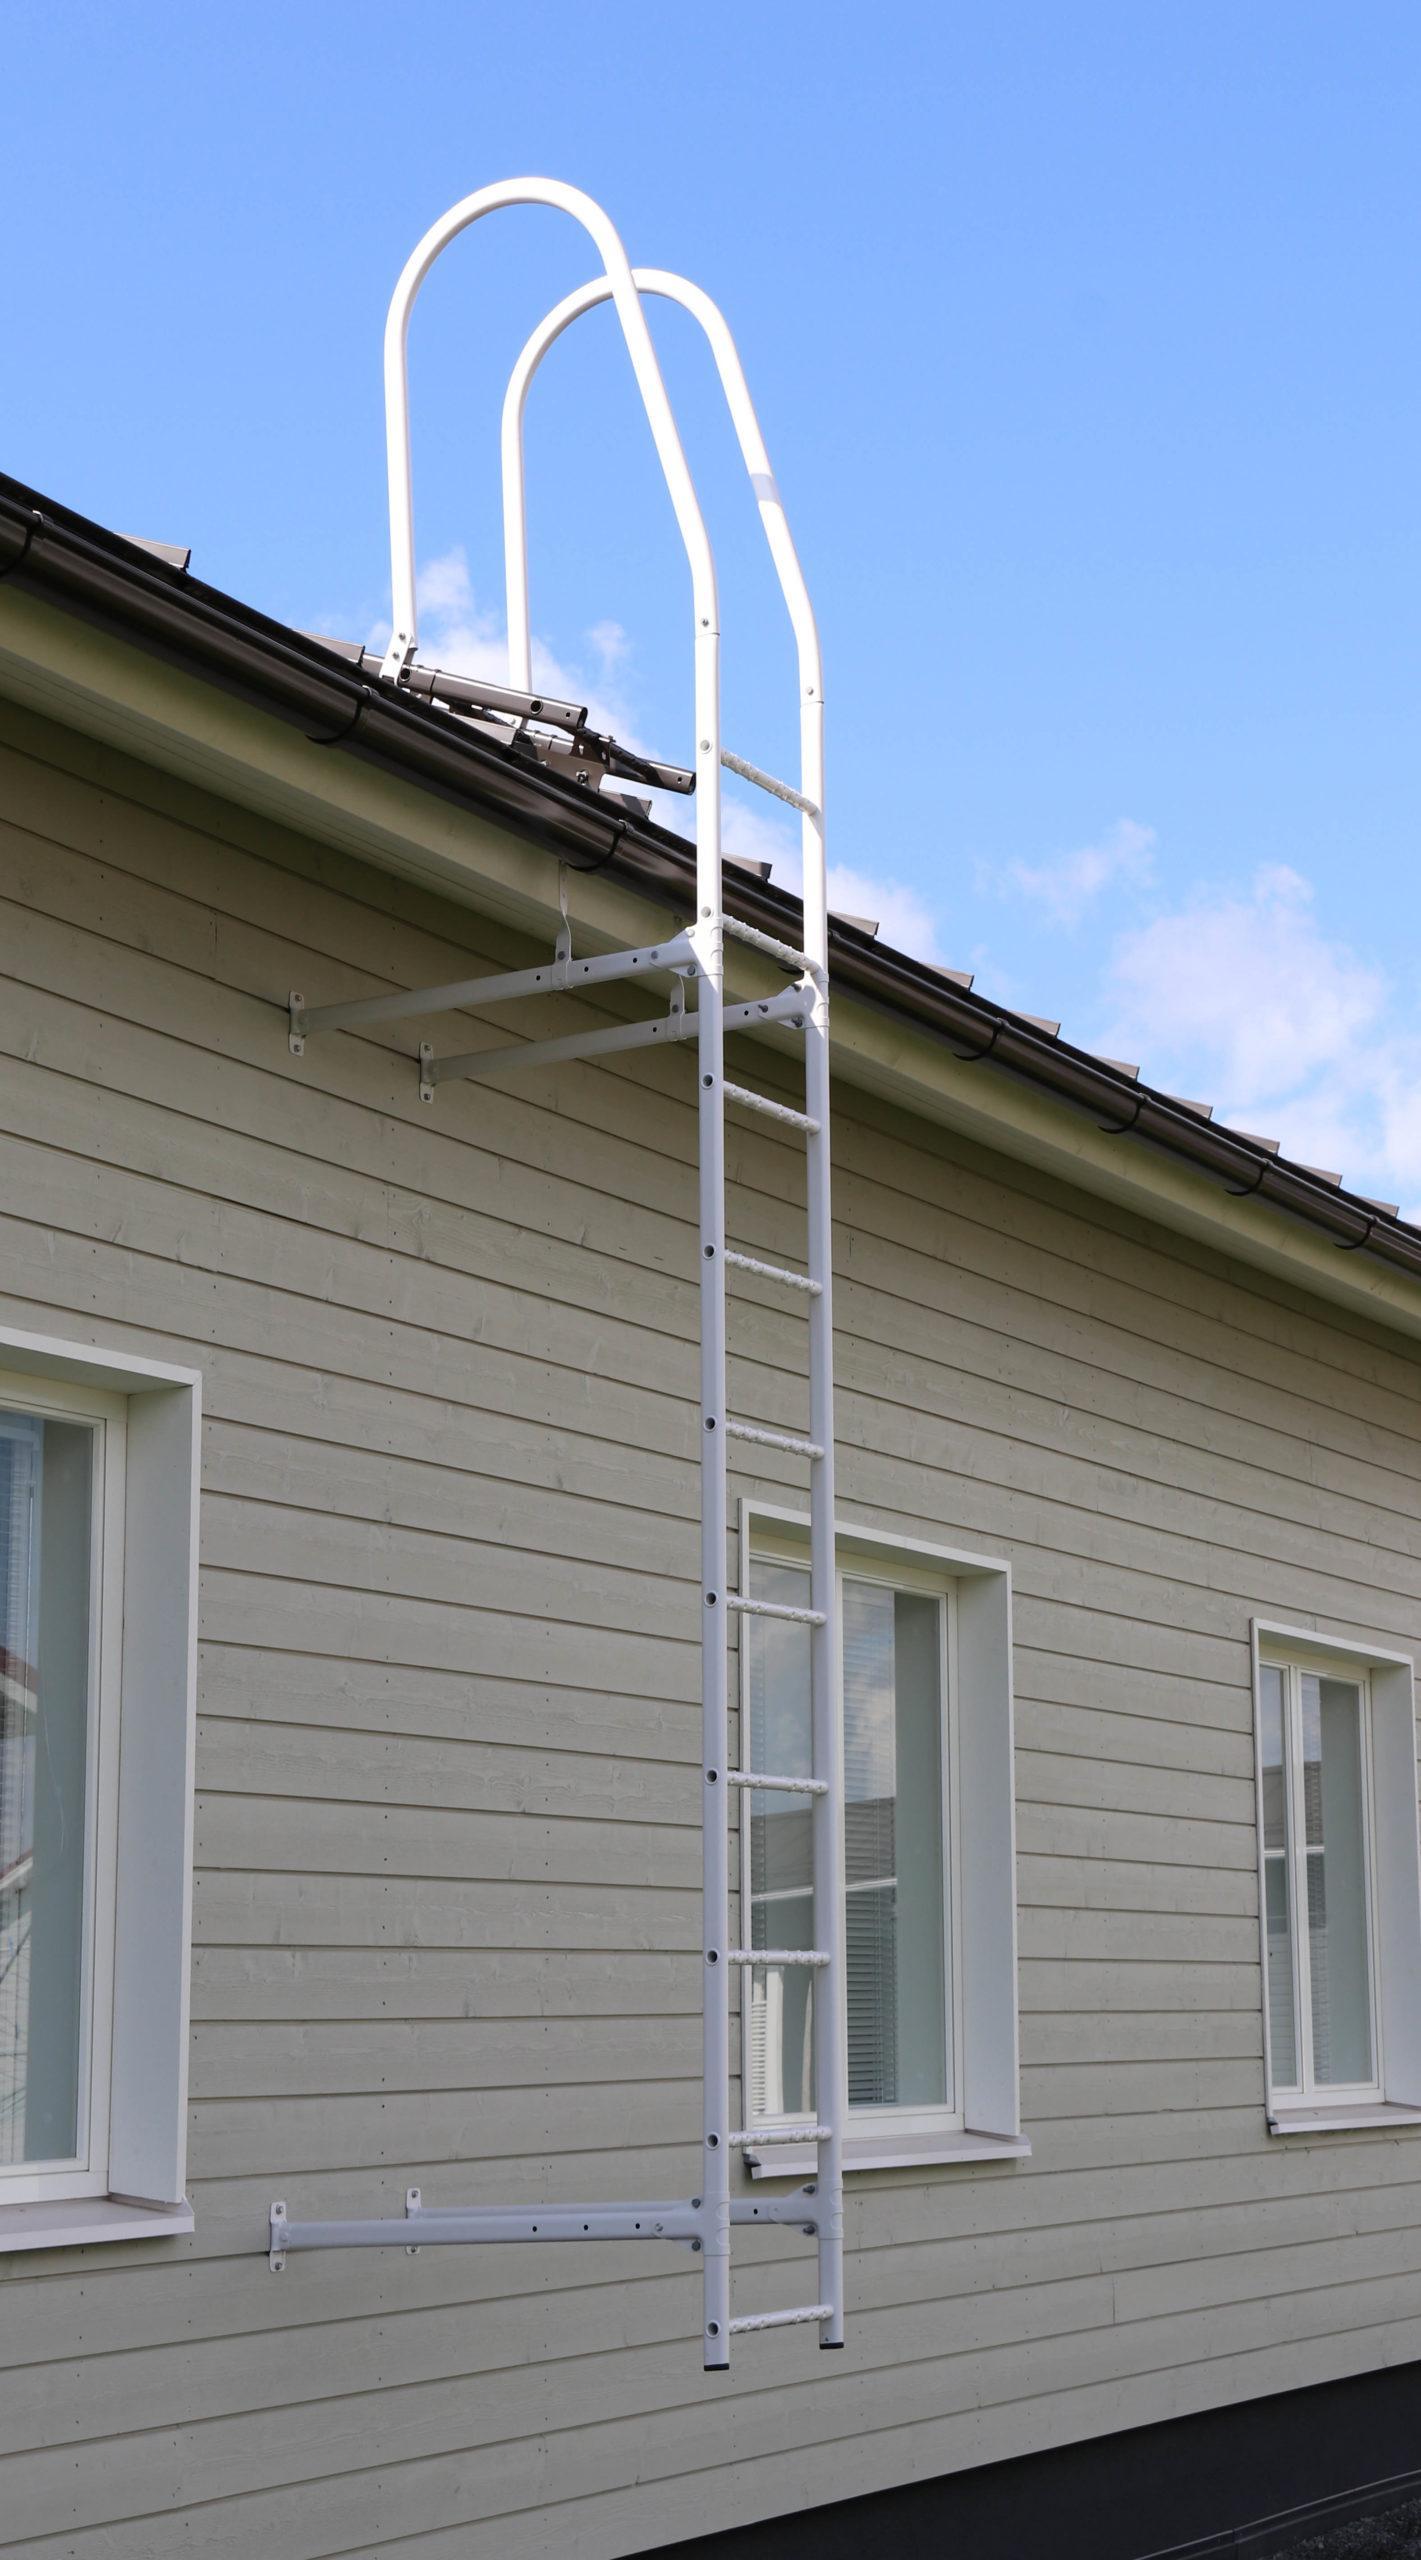 Pisko seinätikkaat ovat turvallinen kulkireitti omakotitalon katolle.